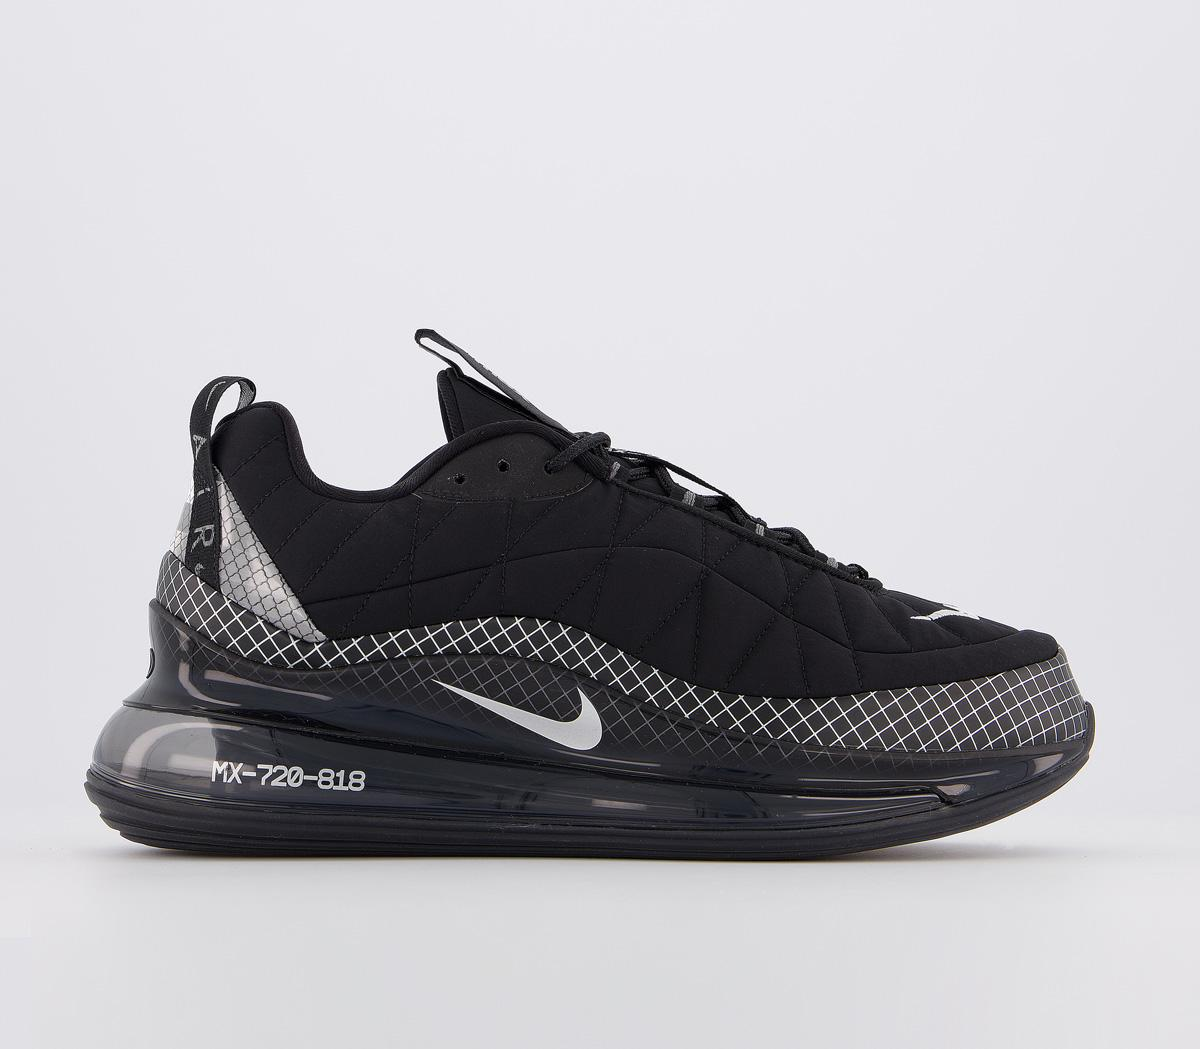 Nike Mx-720-818 Trainers